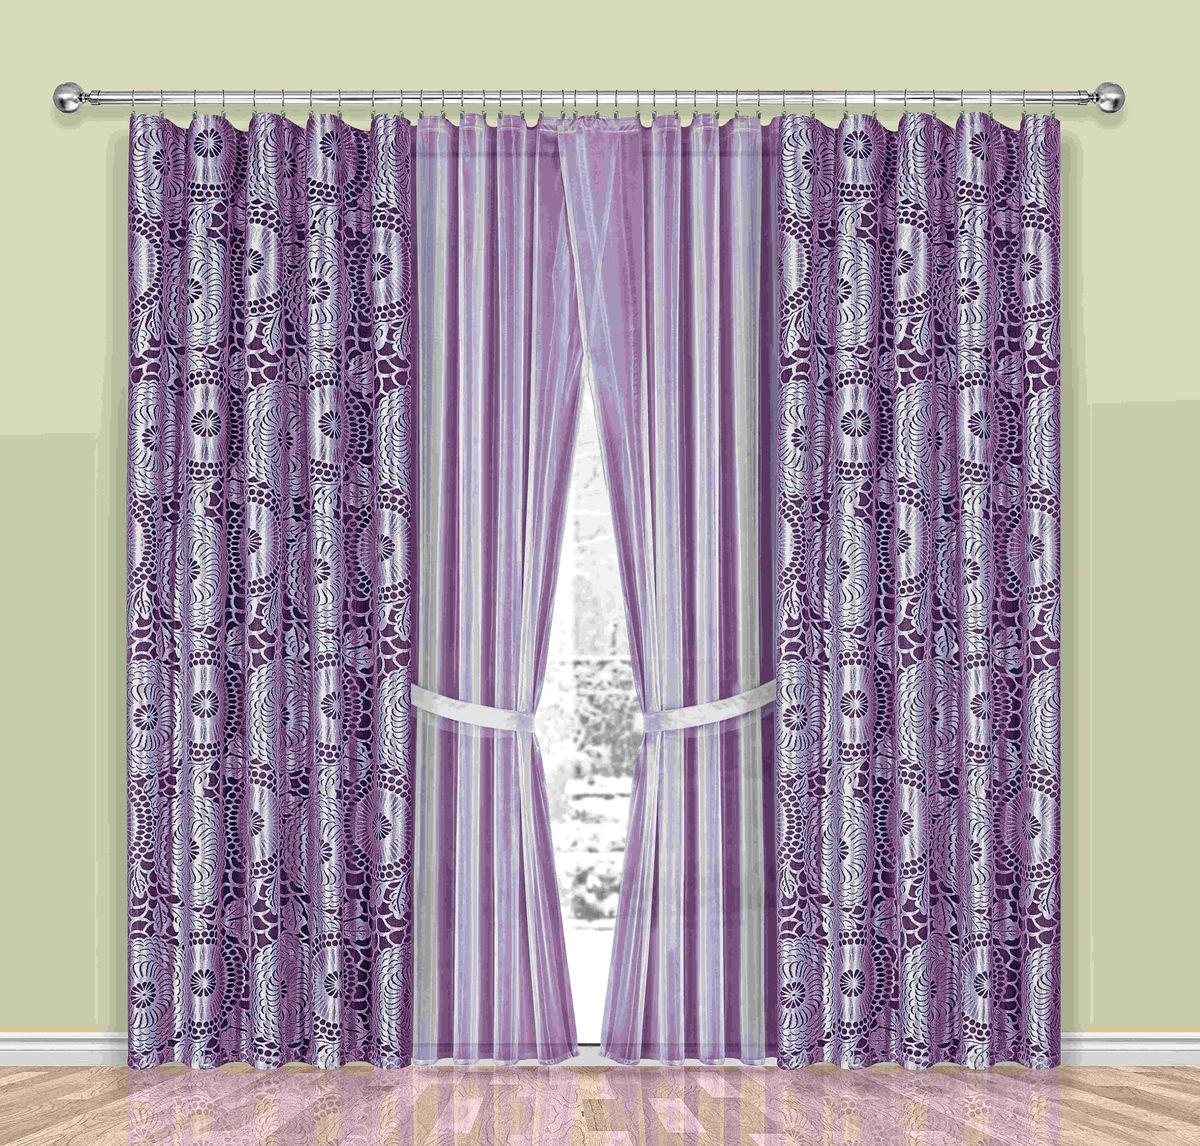 Комплект штор Wisan Sasza, на ленте, цвет: лиловый, высота 250 смK100Комплект штор Wisan Sasza выполненный из полиэстера, великолепно украсит любое окно. В комплект входят 2 шторы, тюль и 2 подхвата.Интересный крой, и цветочный узор придают комплекту особый стиль и шарм. Тонкое плетение, нежная цветовая гамма и роскошное исполнение - все это делает шторы Wisan Sasza замечательным дополнением интерьера помещения.Комплект оснащен шторной лентой для красивой сборки. В комплект входит: Штора - 2 шт. Размер (ШхВ): 150 см х 250 см. Тюль - 2 шт. Размер (ШхВ): 250 см х 250 см. Подхват - 2 шт.Фирма Wisan на польском рынке существует уже более пятидесяти лет и является одной из лучших польских фабрик по производству штор и тканей. Ассортимент фирмы представлен готовыми комплектами штор для гостиной, детской, кухни, а также текстилем для кухни (скатерти, салфетки, дорожки, кухонные занавески). Модельный ряд отличает оригинальный дизайн, высокое качество. Ассортимент продукции постоянно пополняется.